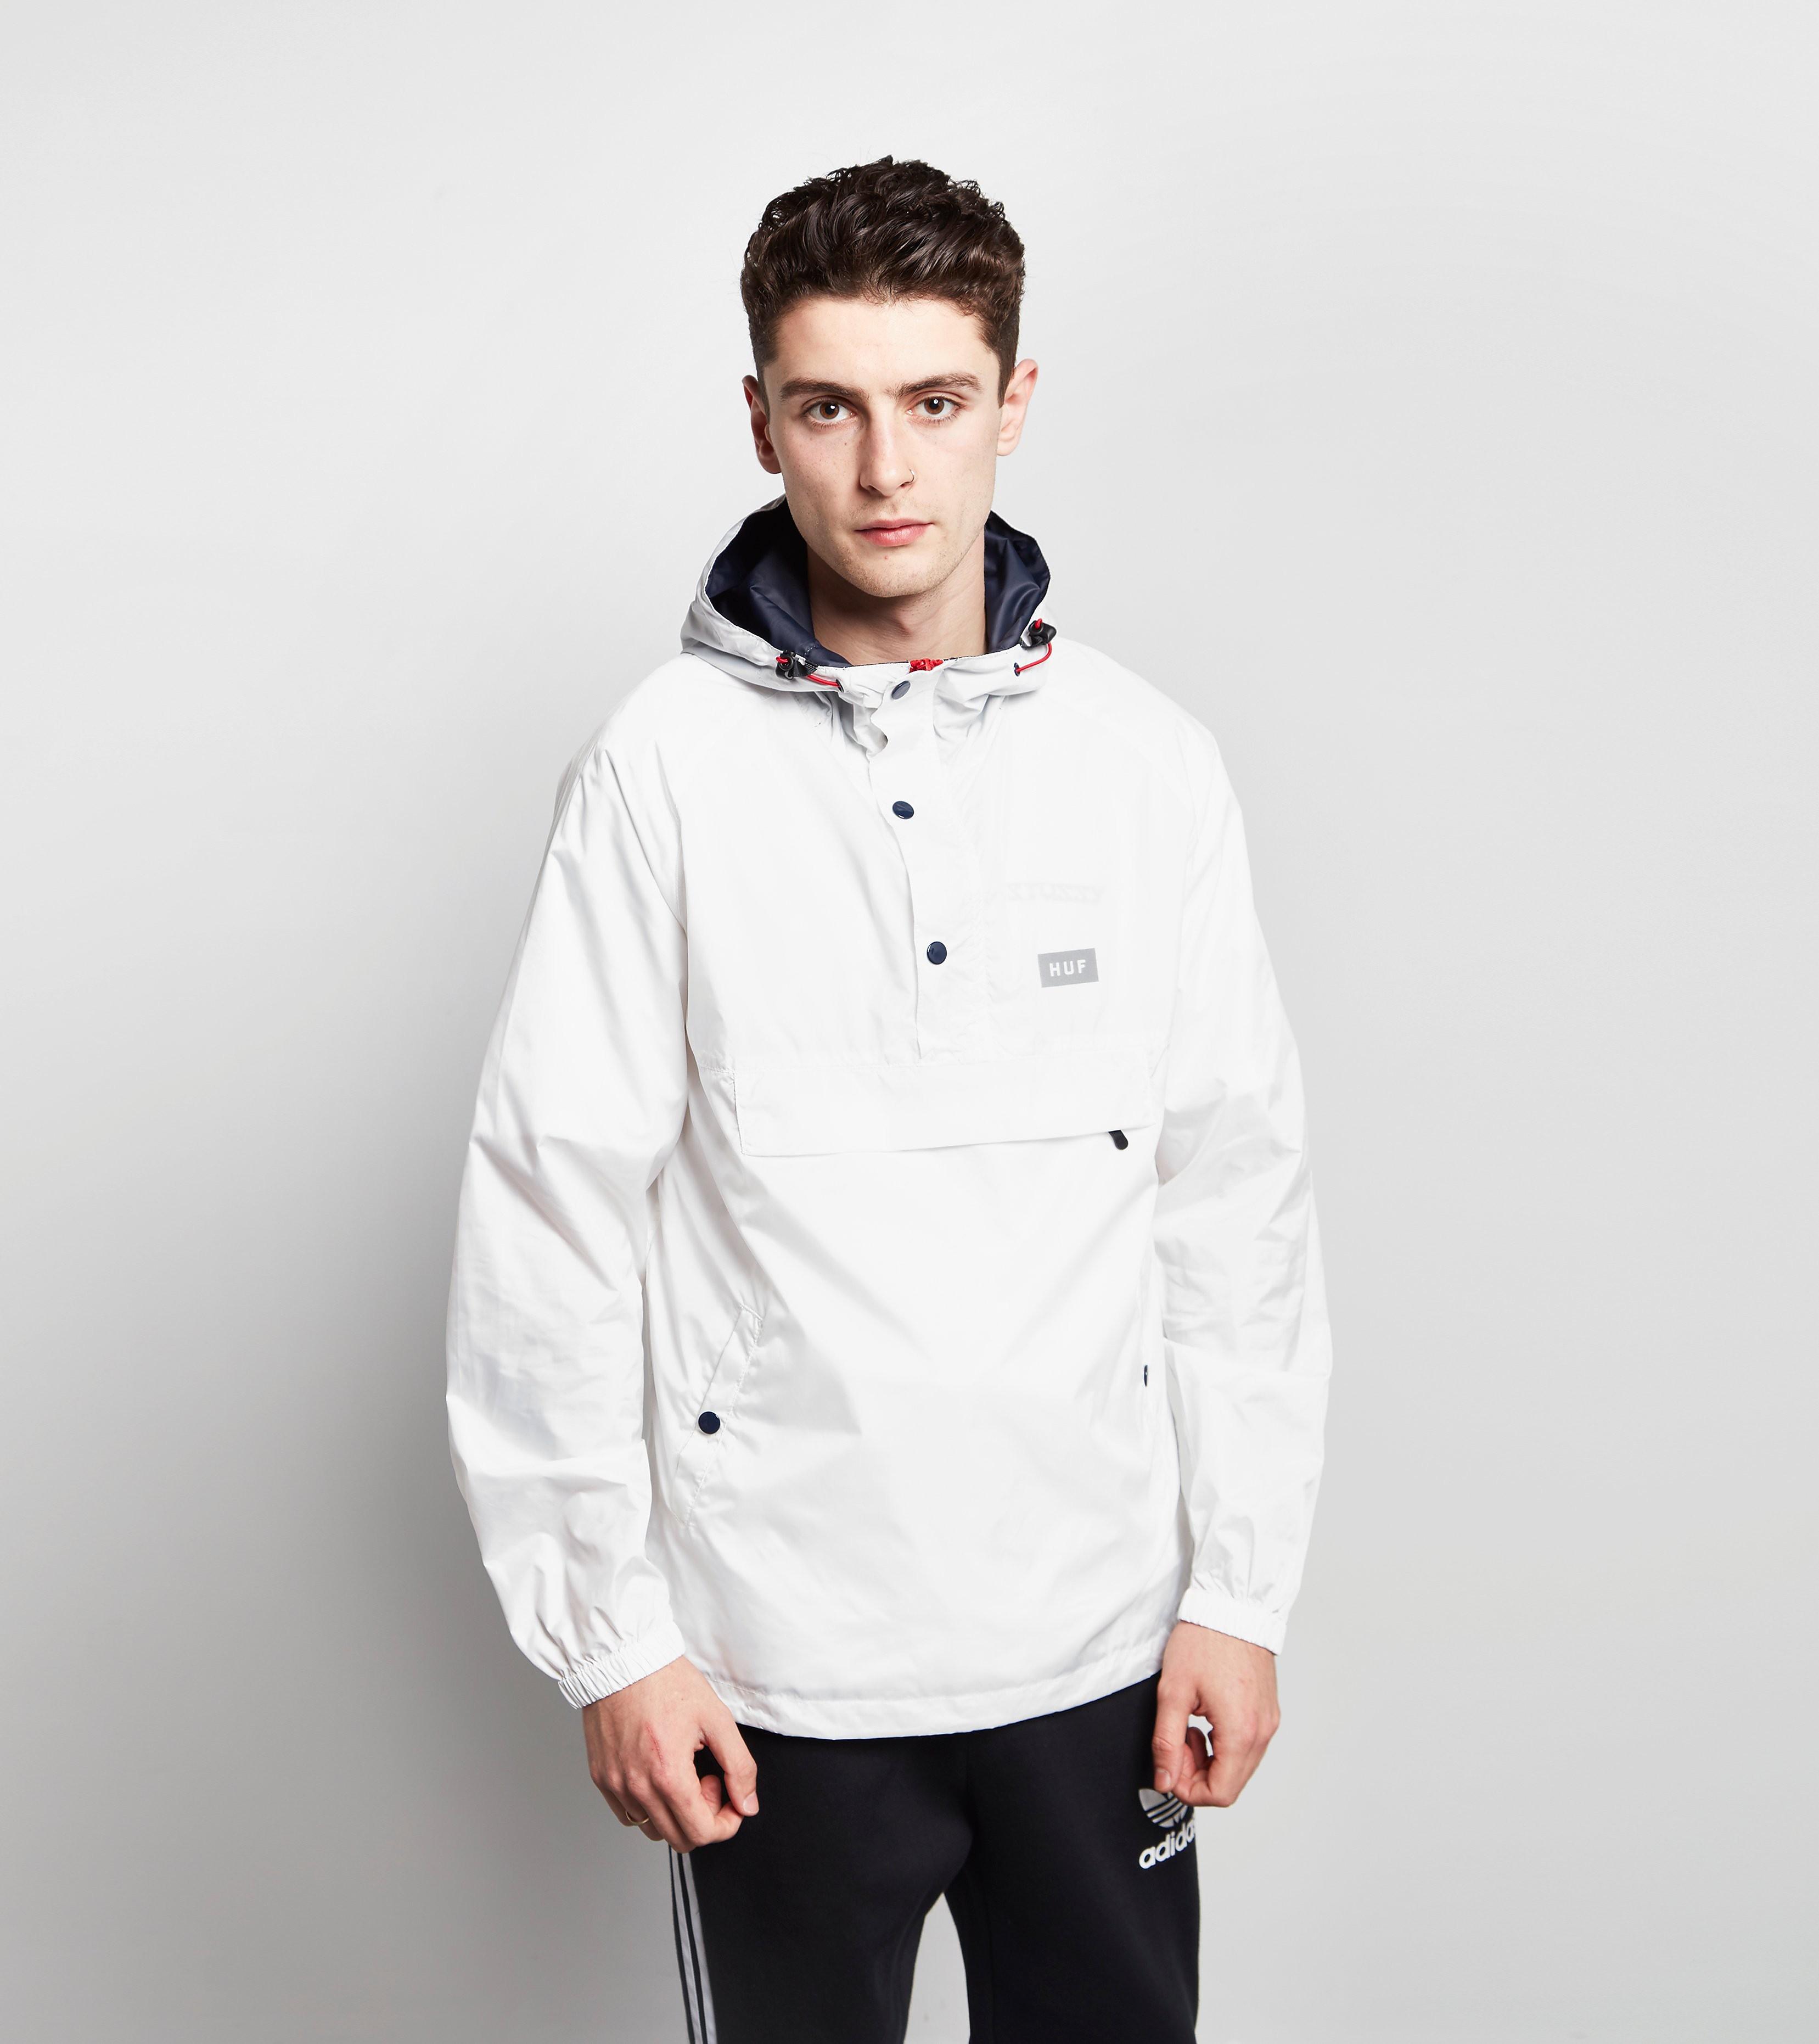 HUF Adapt Half-Zip Jacket